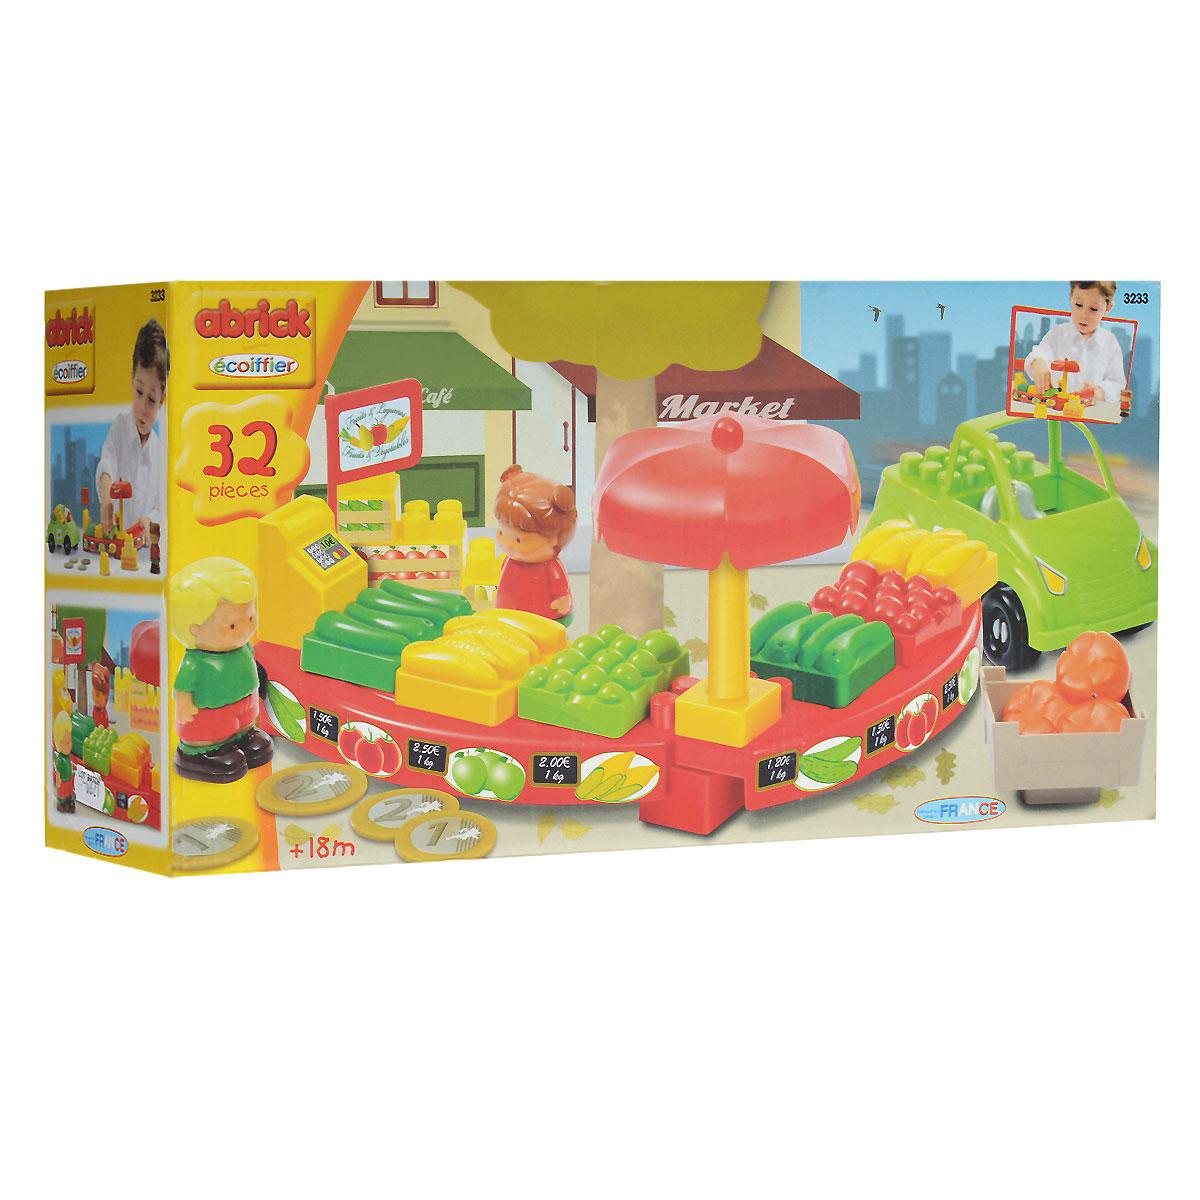 Ecoiffier Игровой набор-конструктор Магазин, 32 элемента3233Игровой набор-конструктор Ecoiffier Магазин понравится вашему ребенку и не позволит ему скучать. Набор включает в себя 32 пластиковых элемента, с помощью которых он сможет собрать прилавки для муляжей продуктов, а также блоки с игрушечными овощами, кассу, зонтик от солнца. В комплект входят машинка и фигурки покупателя и продавца. Ваш ребенок с удовольствием будет играть с набором, придумывая различные истории.